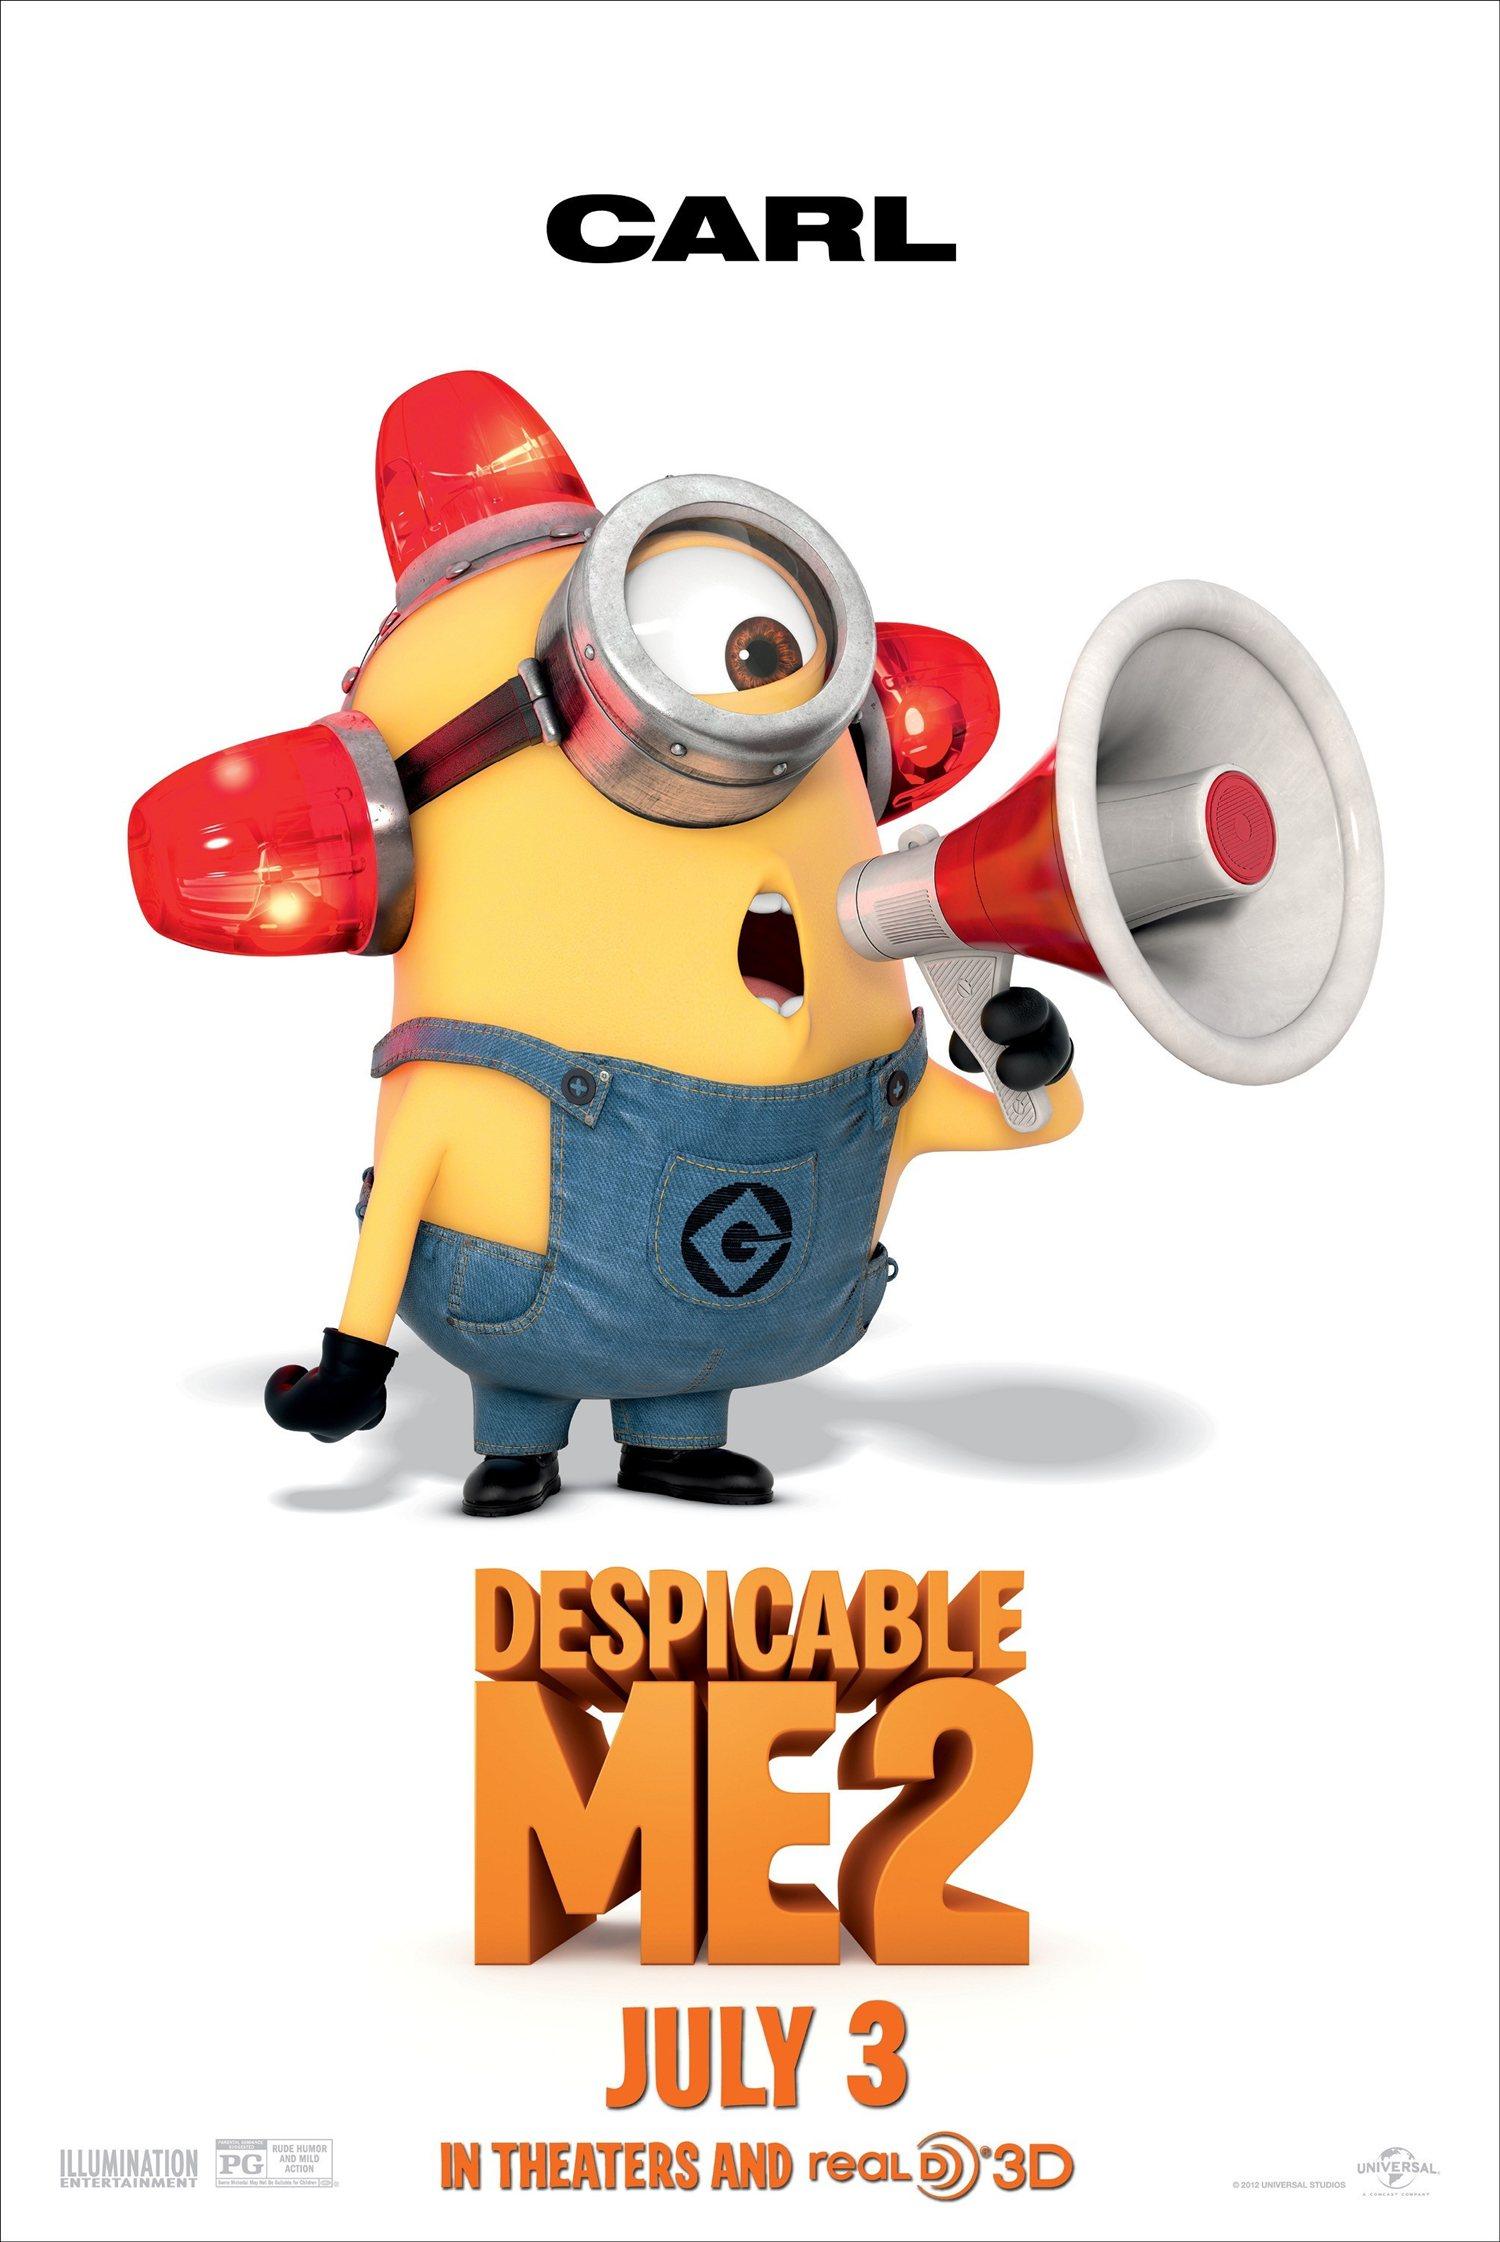 Minion Stuart - Despicable Me 2 Laughing Action Figure Toy